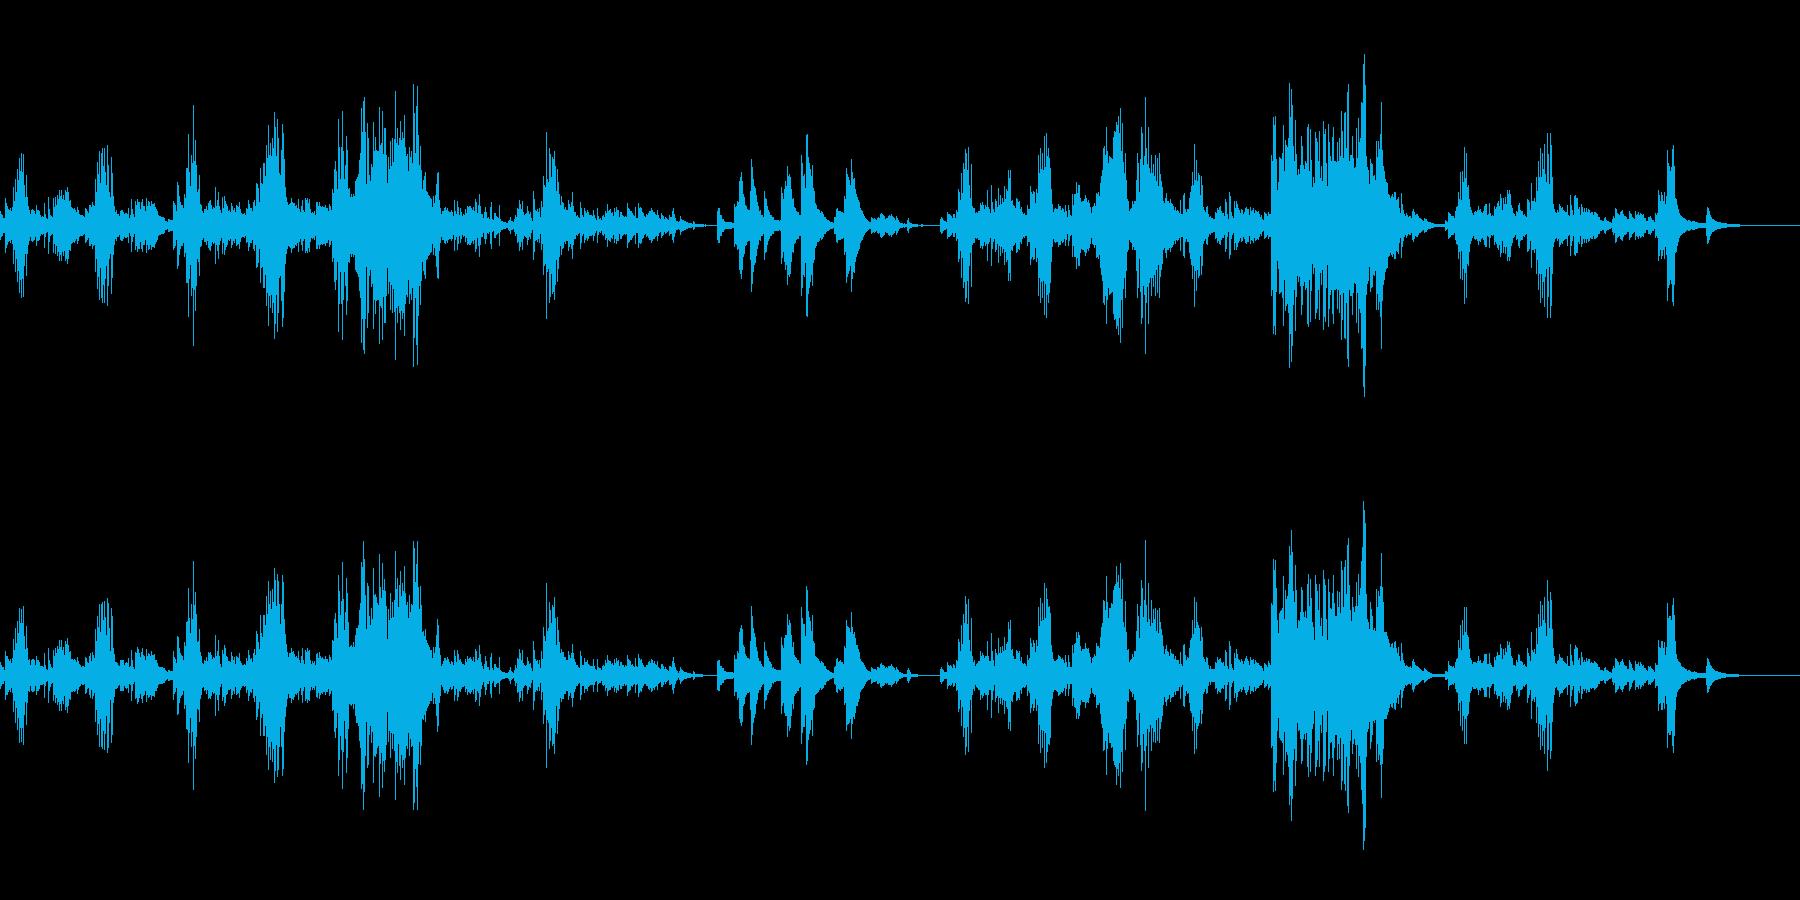 インパクトの強い癒し系ピアノ感動的の再生済みの波形